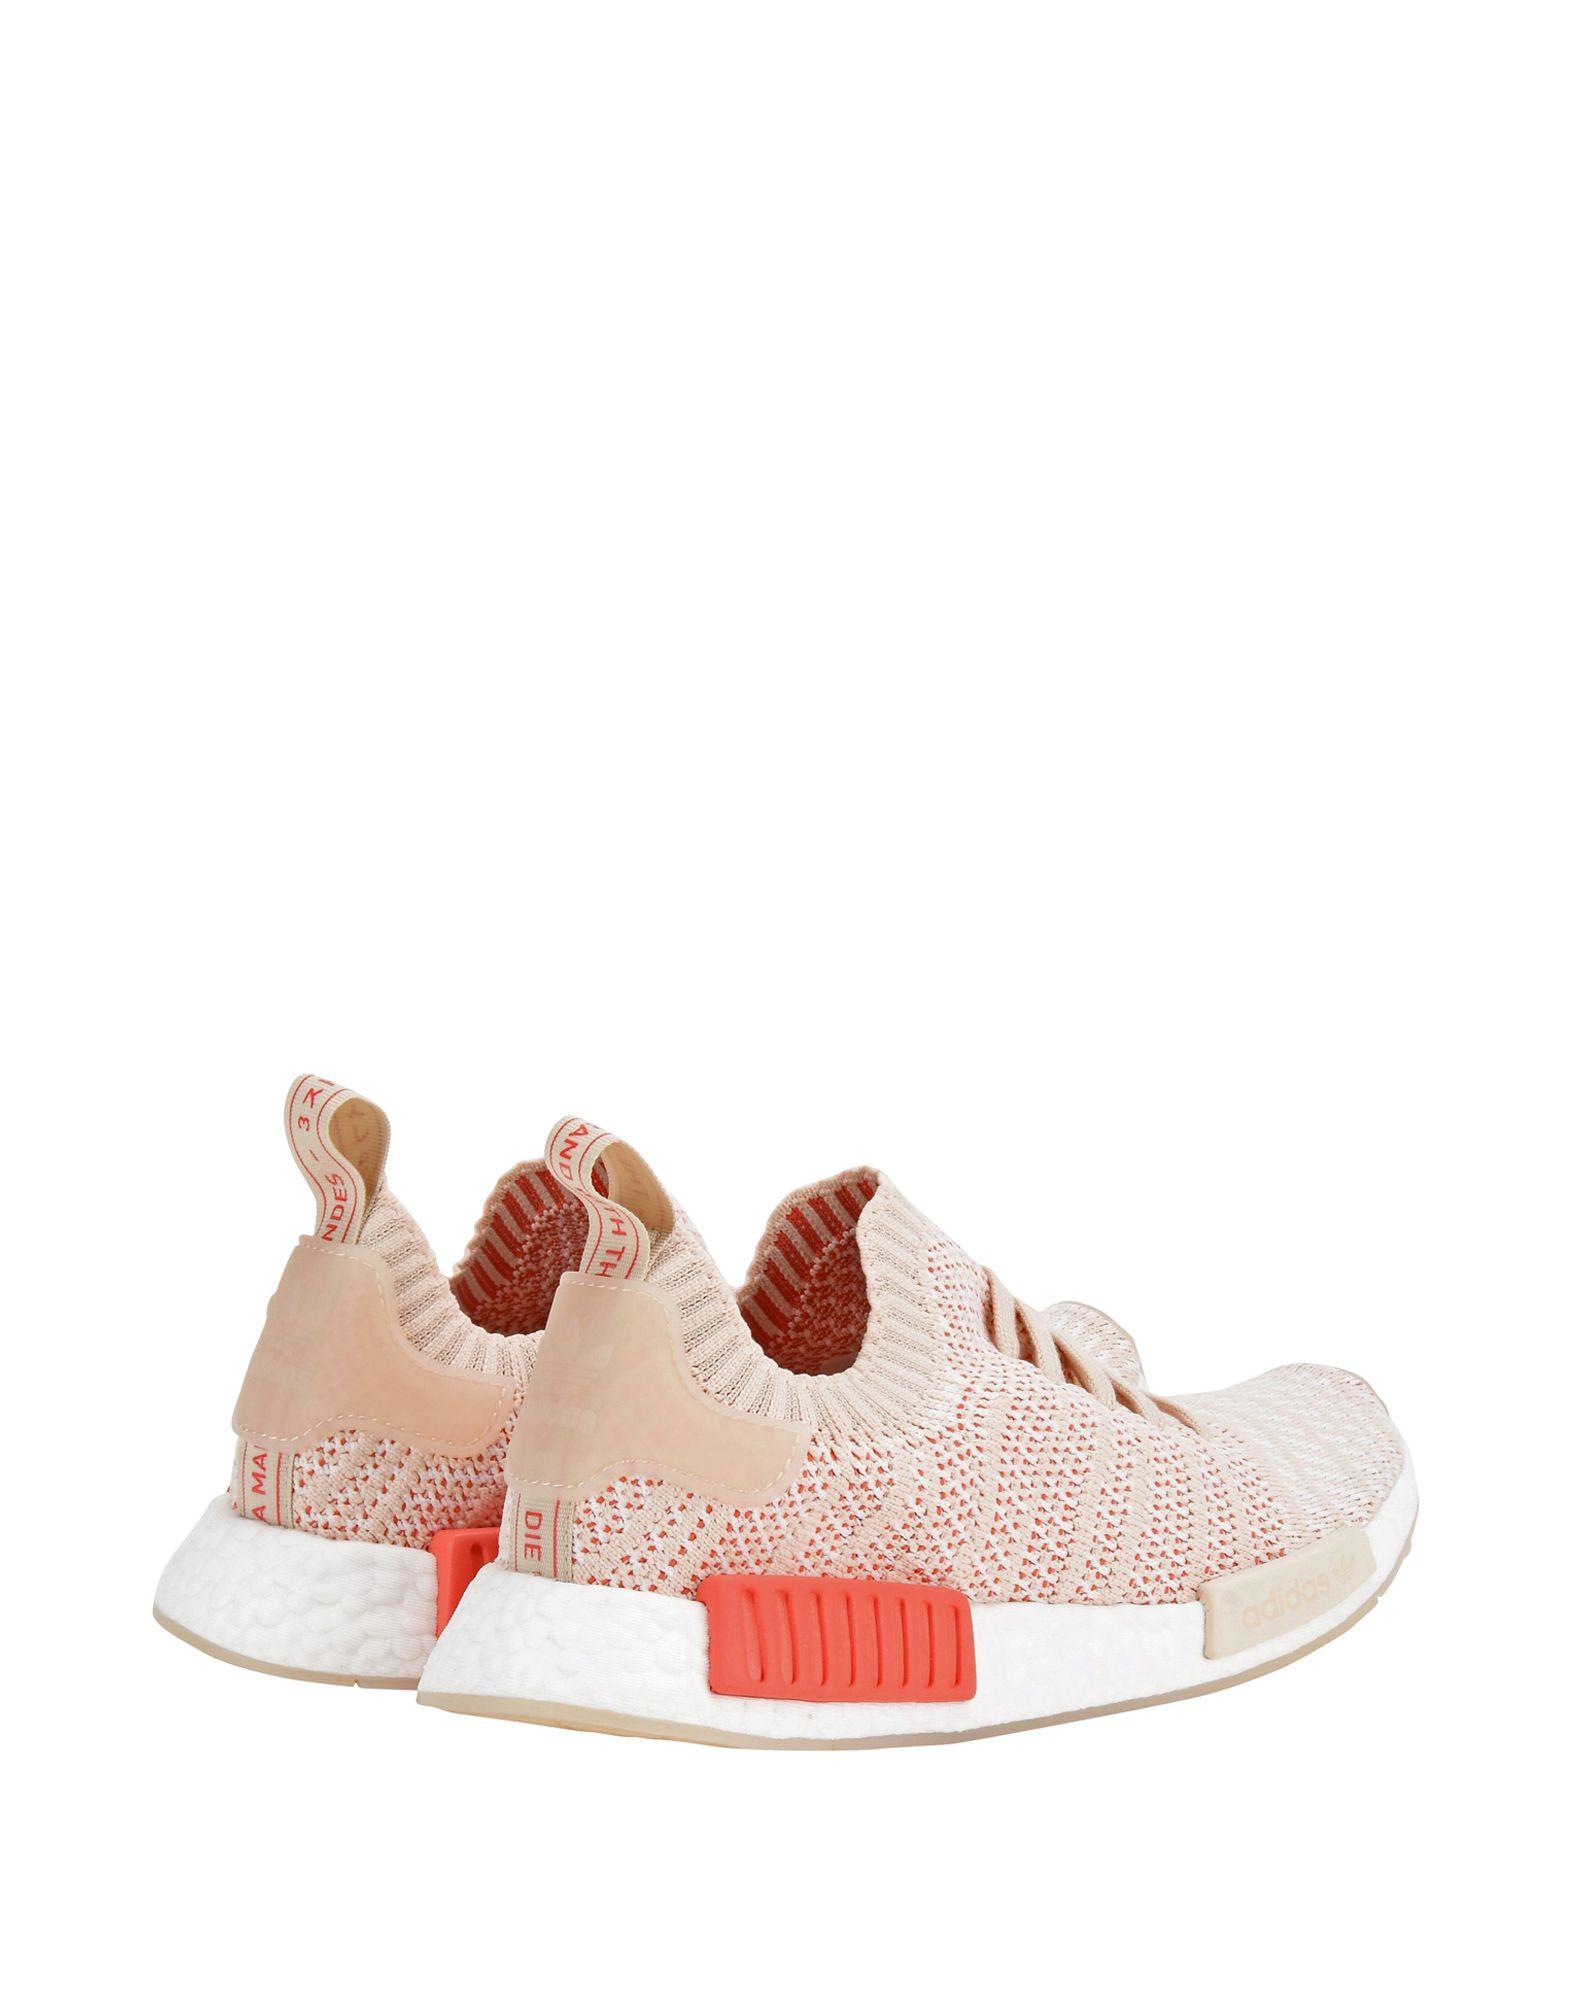 Stilvolle Nmd_R1 billige Schuhe Adidas Originals Nmd_R1 Stilvolle Stlt Pk W  11446304RN 5d4288